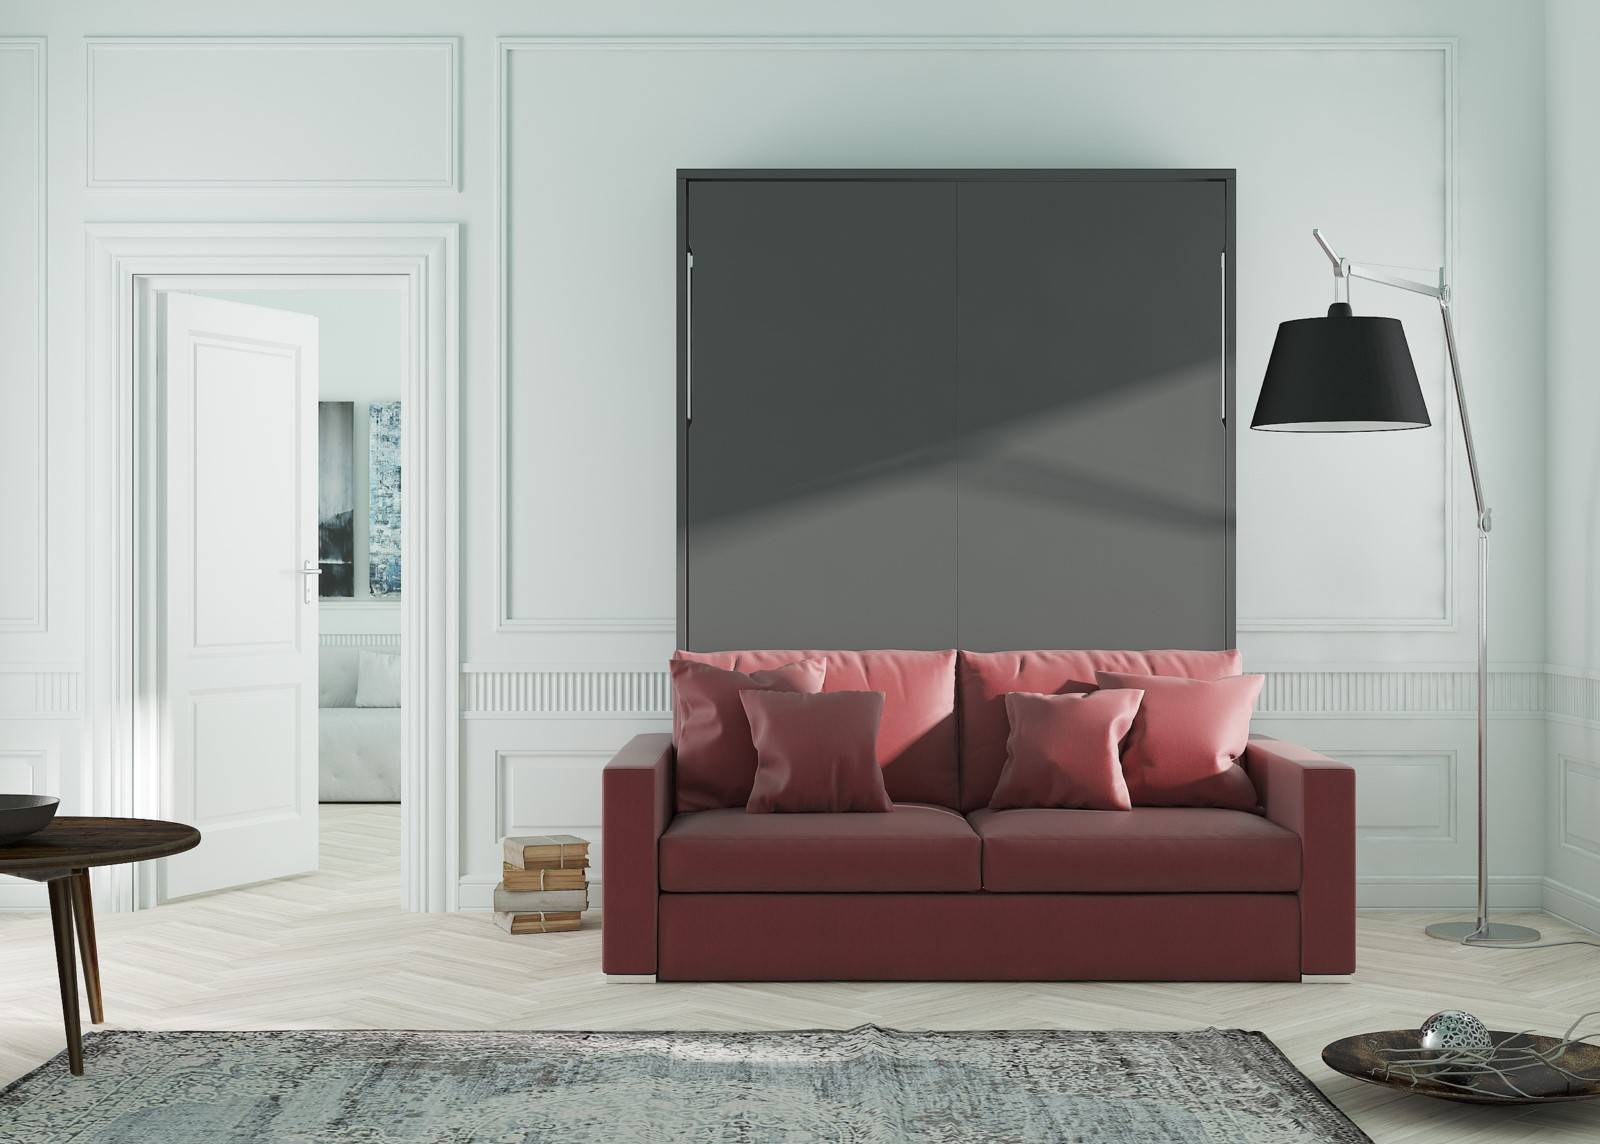 lit escamotable vertical avec canap int gr mod le aix meuble avec 2 usages tr s confortables. Black Bedroom Furniture Sets. Home Design Ideas